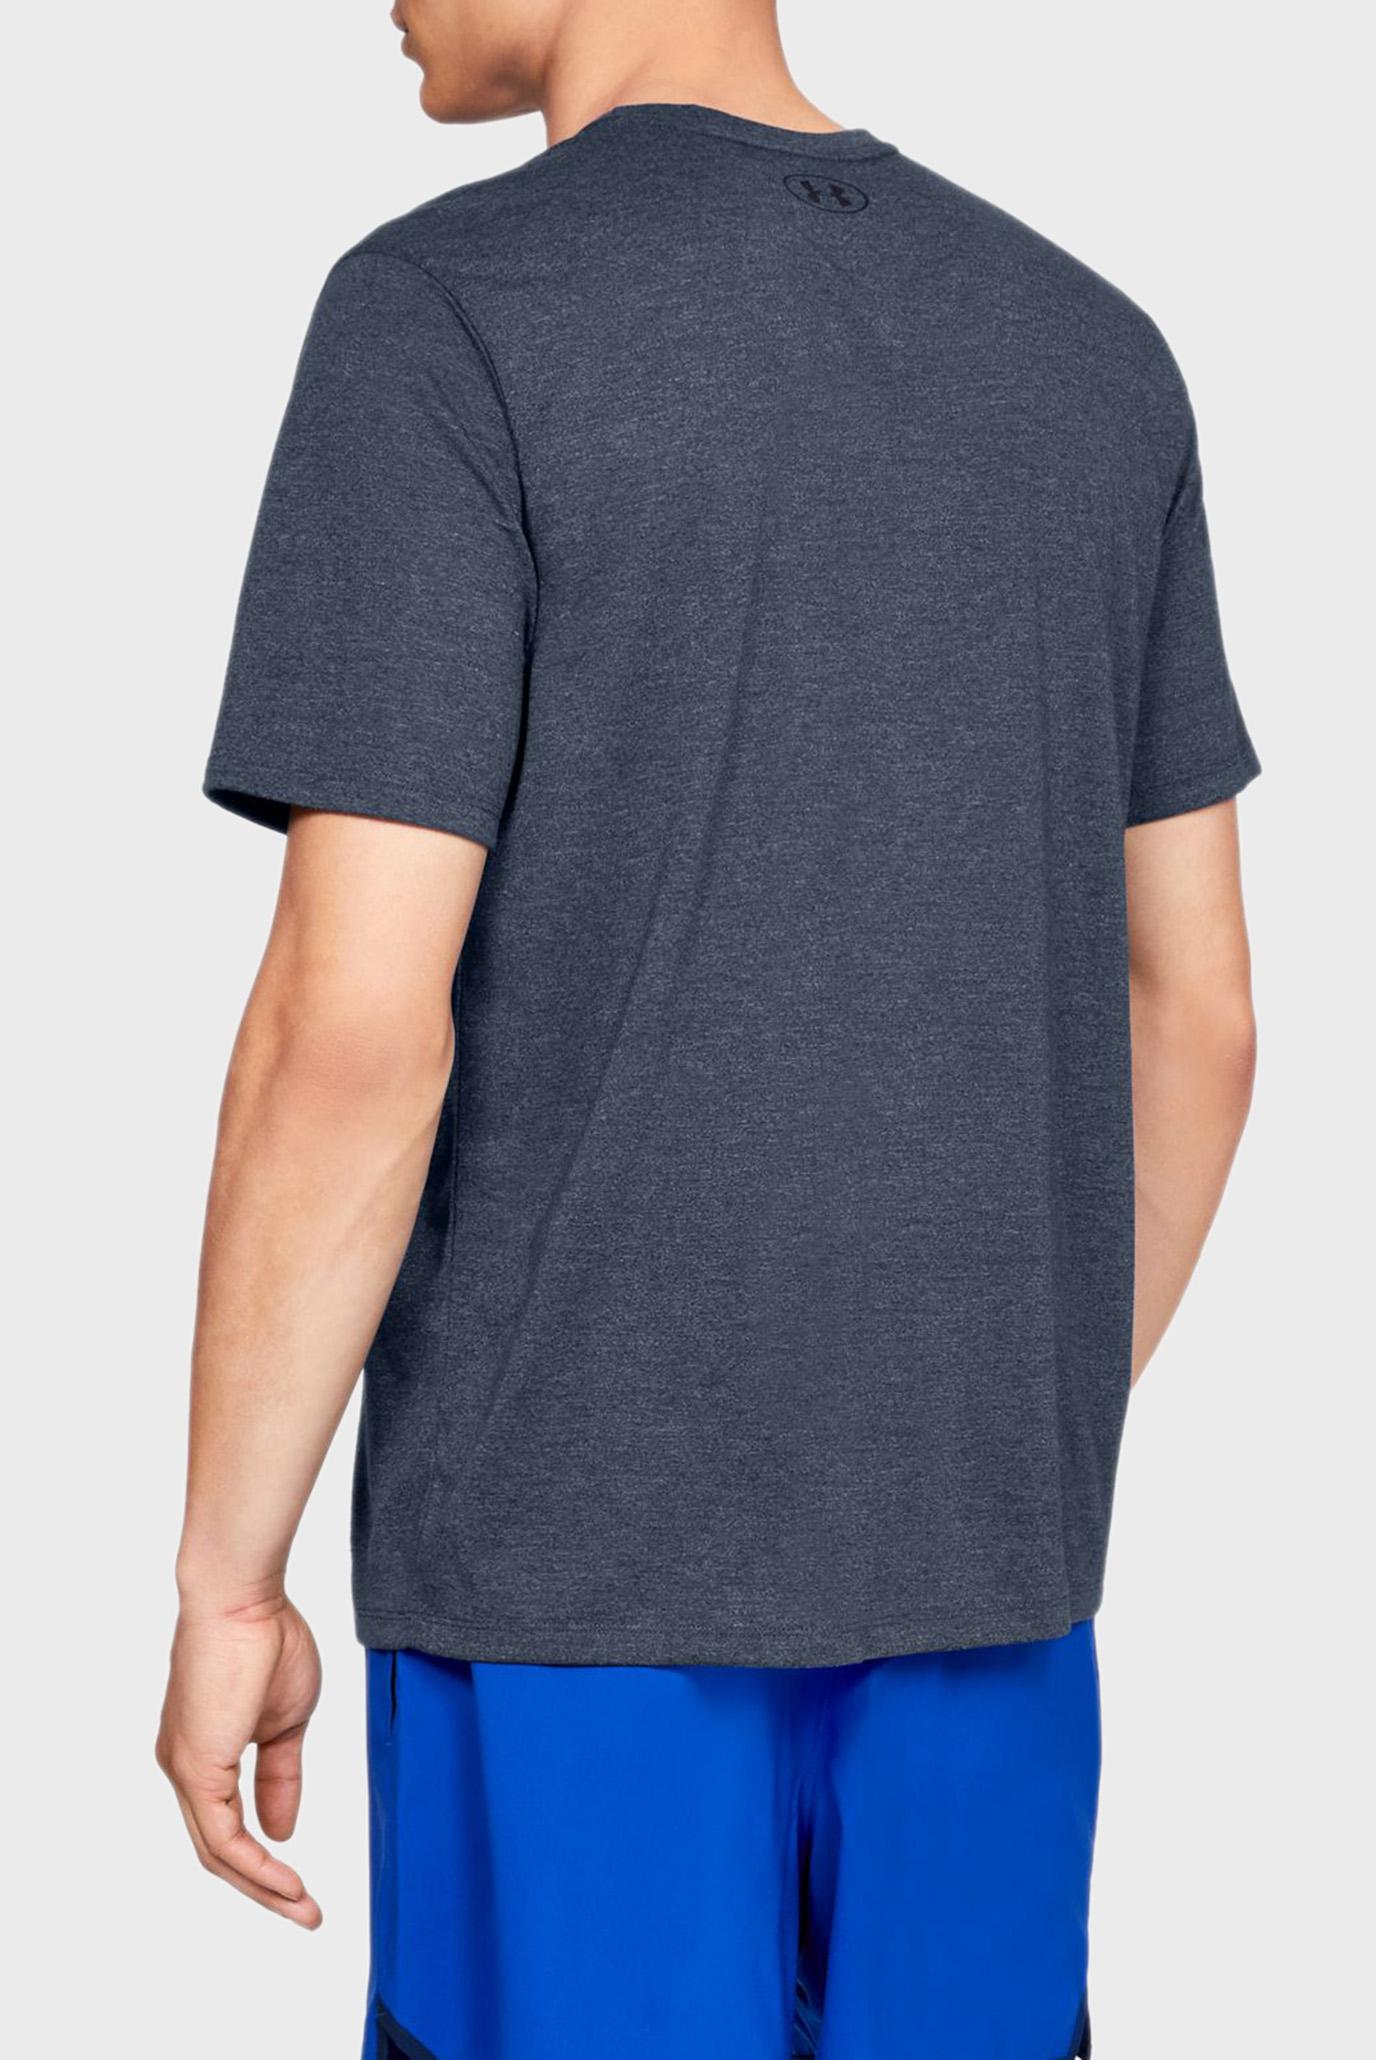 Купить Мужская синяя футболка UA Threadborne SS Under Armour Under Armour 1325029-408 – Киев, Украина. Цены в интернет магазине MD Fashion